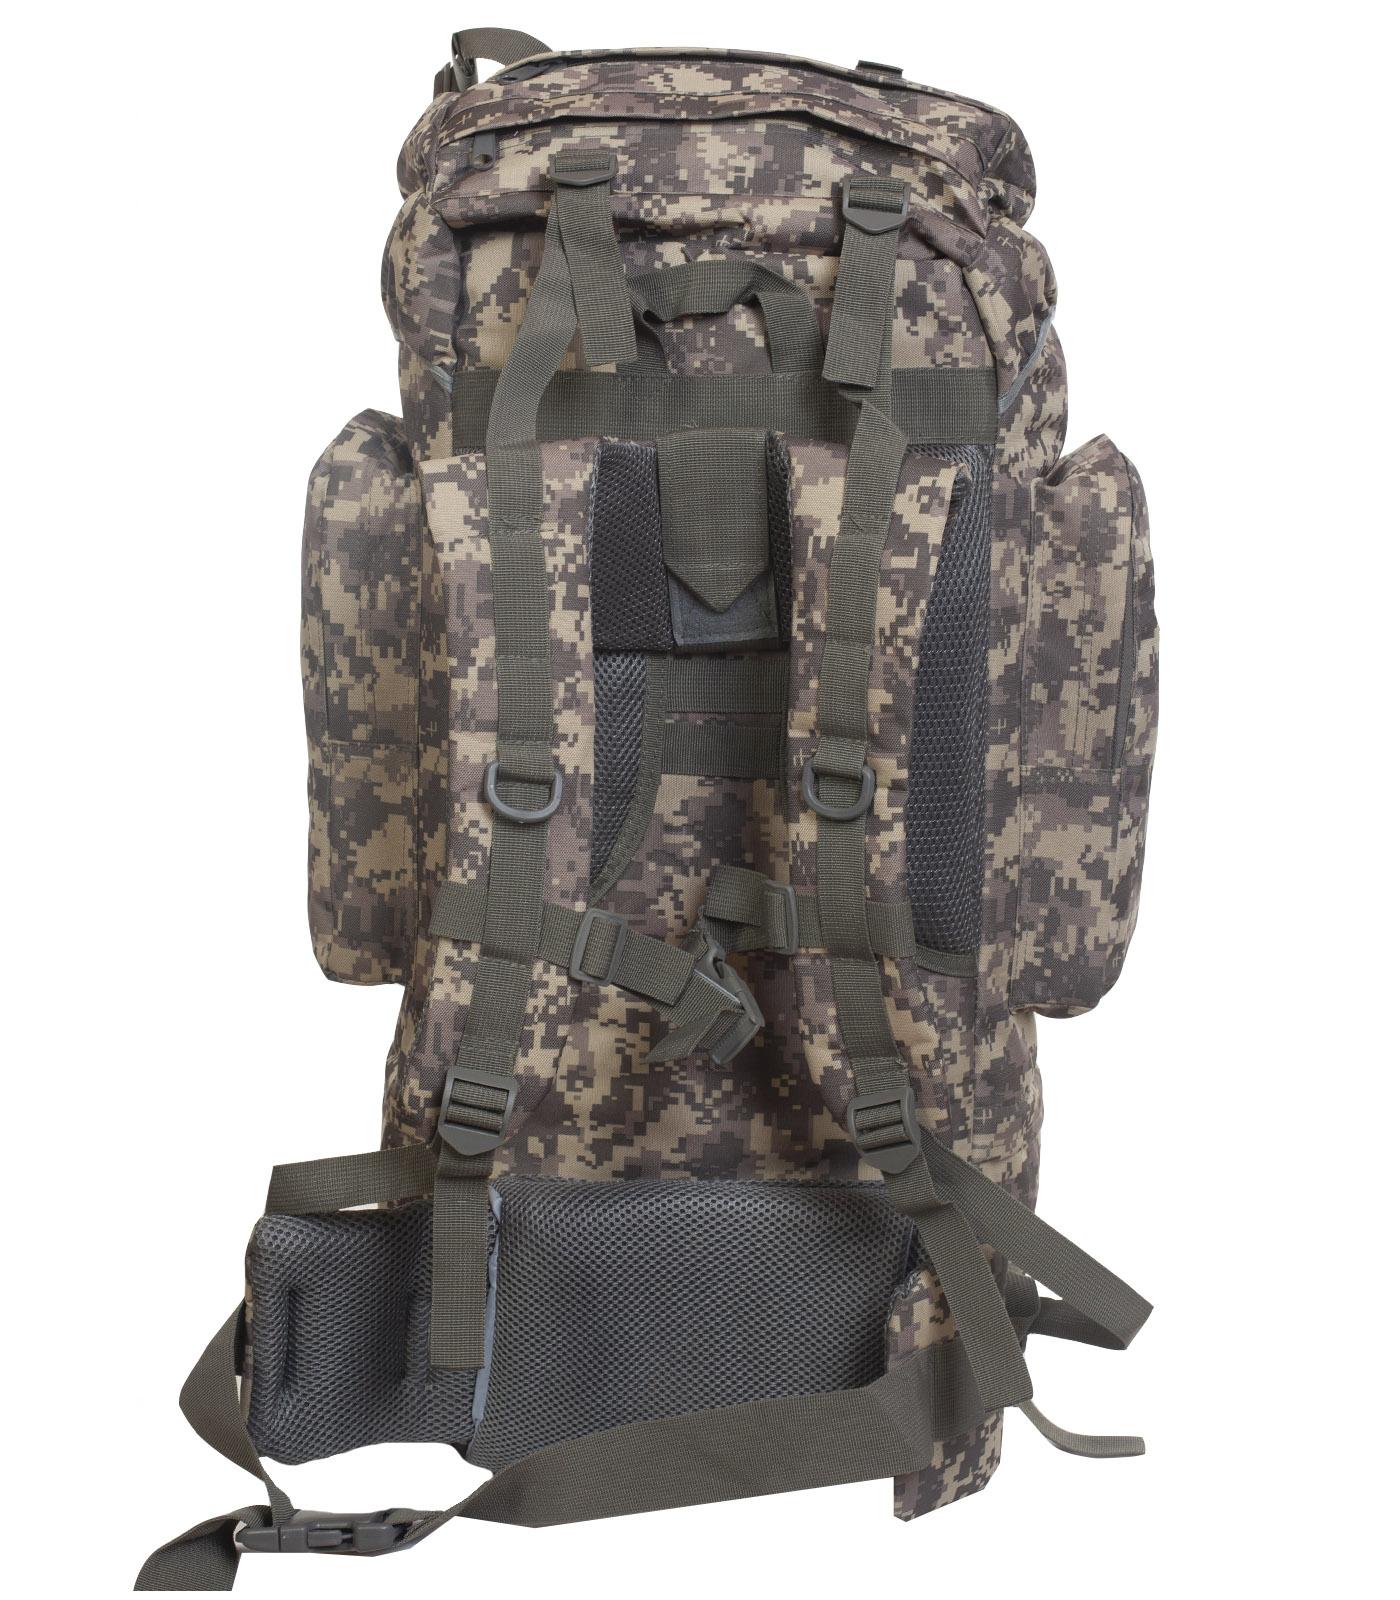 Тактический военный рюкзак с клапаном от дождя - оптом и в розницу